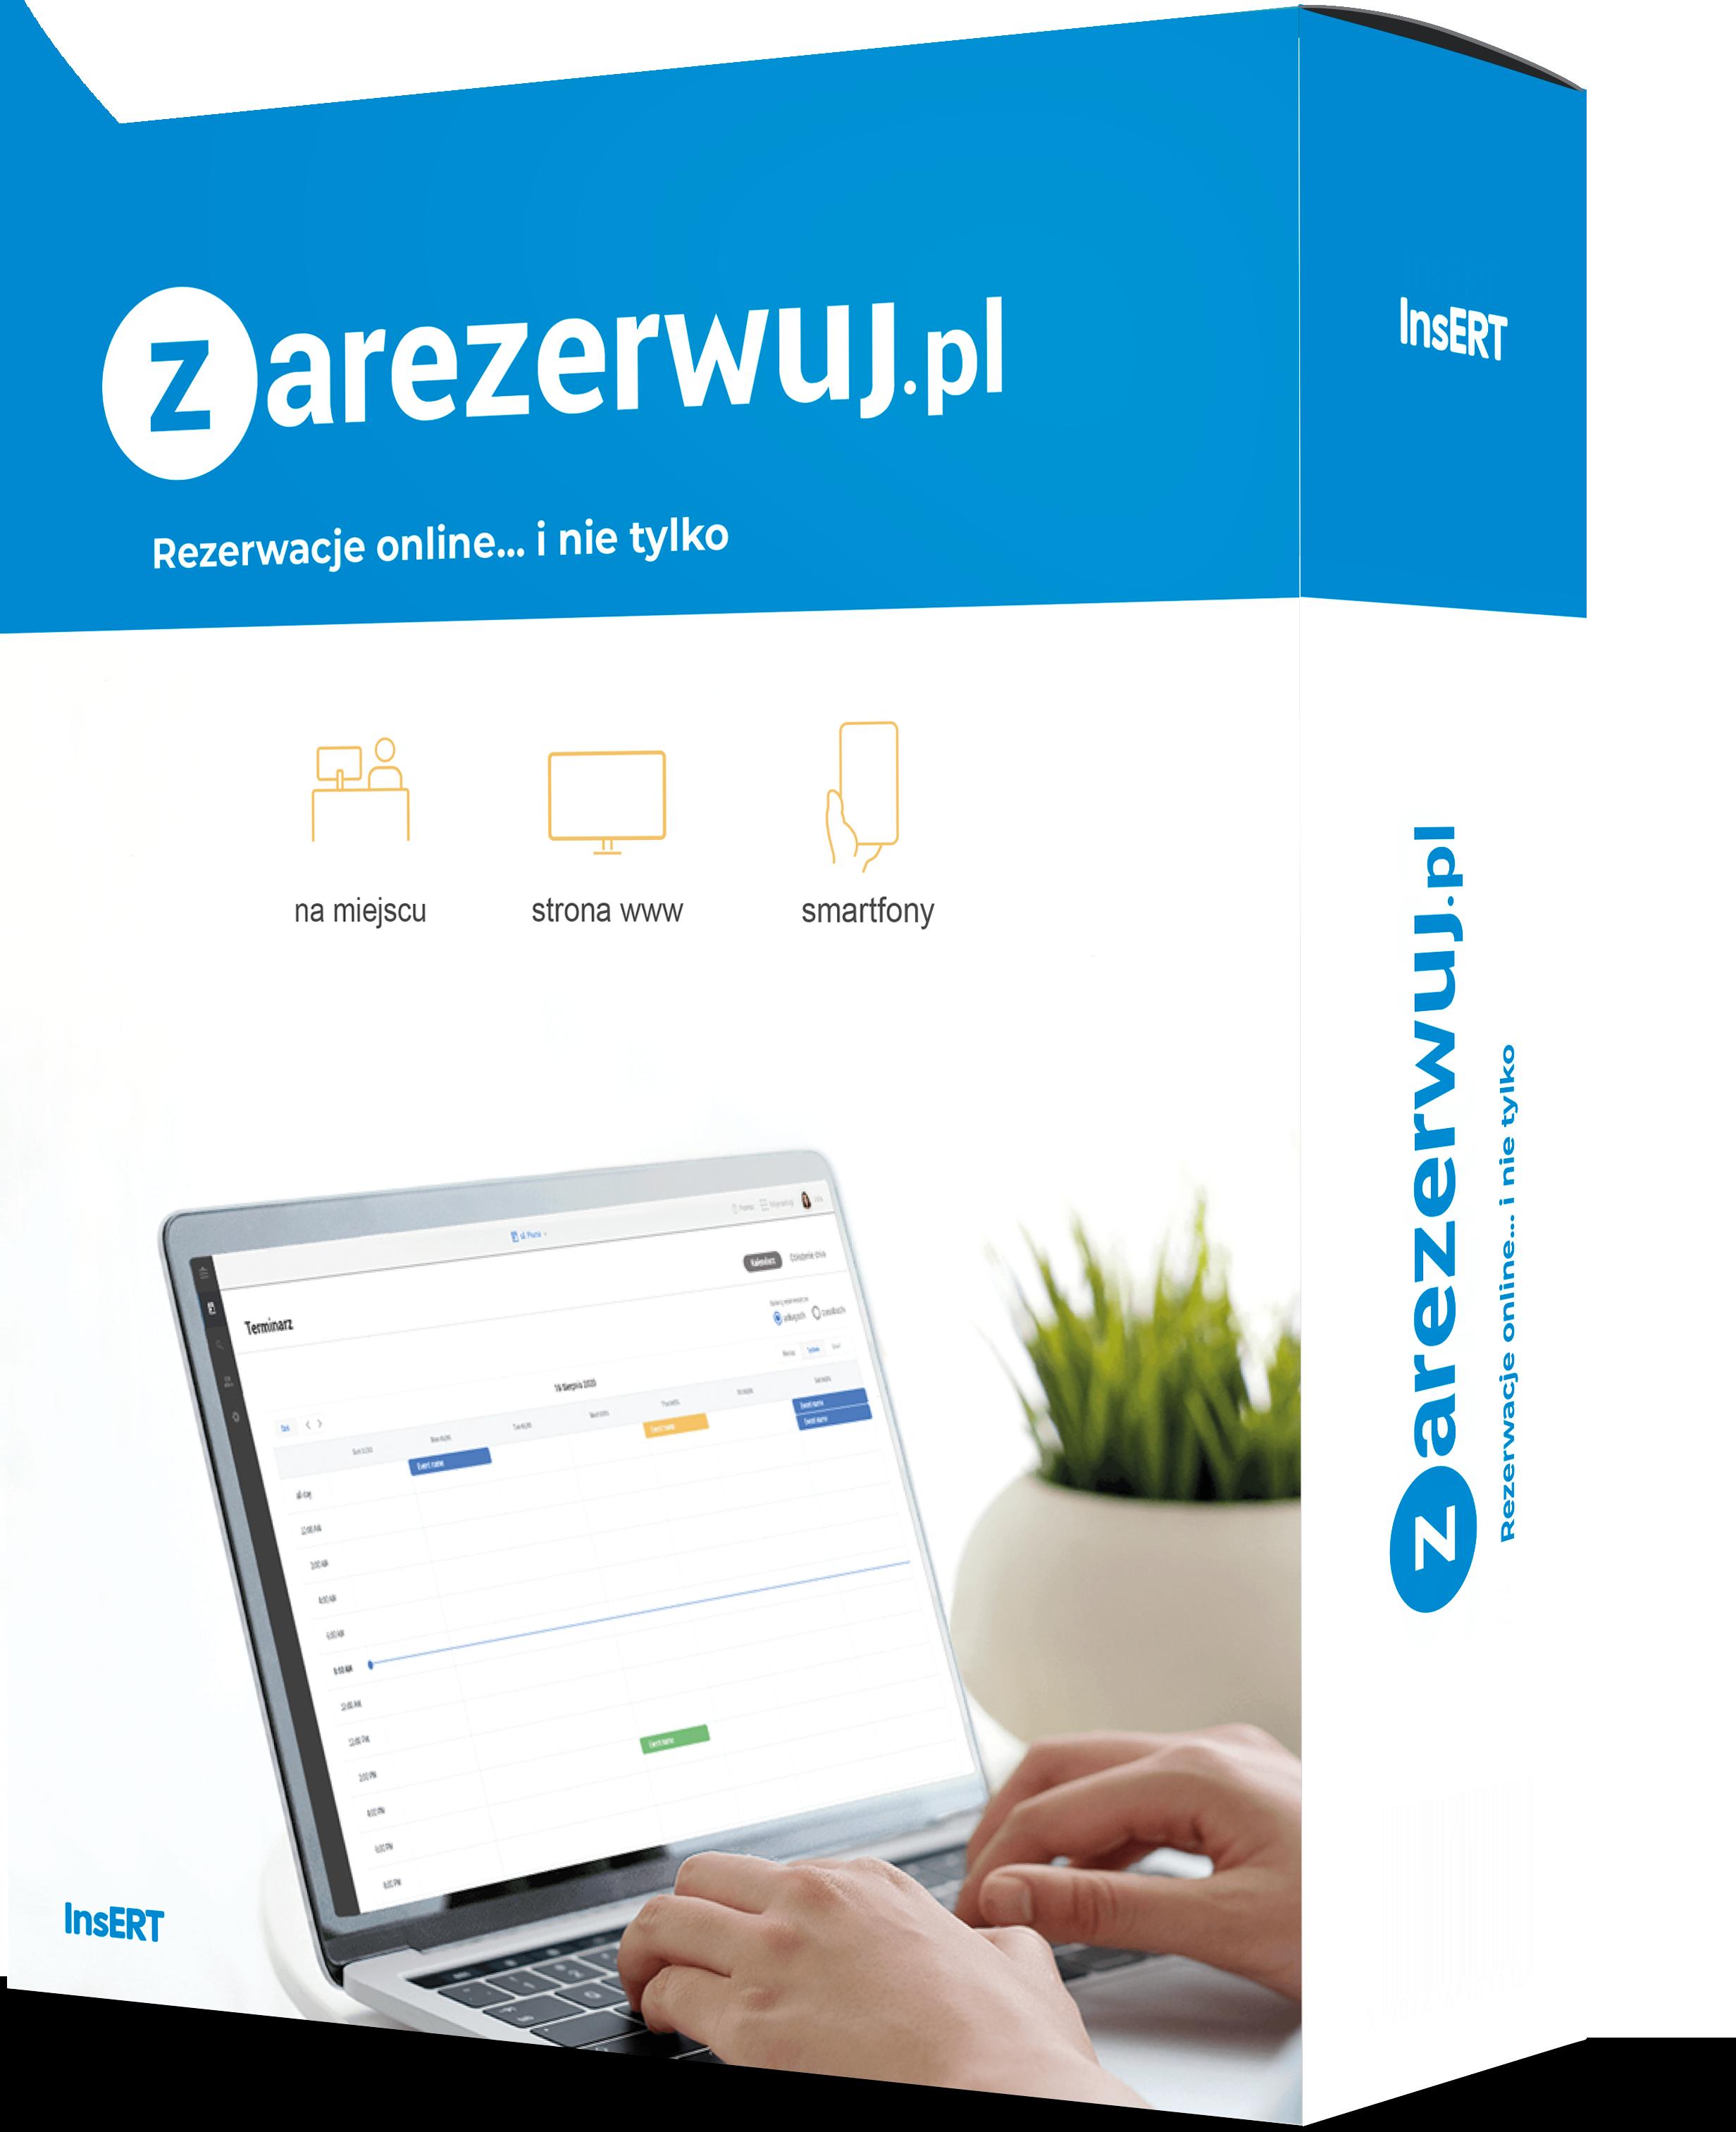 Zarezerwuj.pl: Rezerwacje i rejestracje - szybko, intuicyjnie i niezawodnie